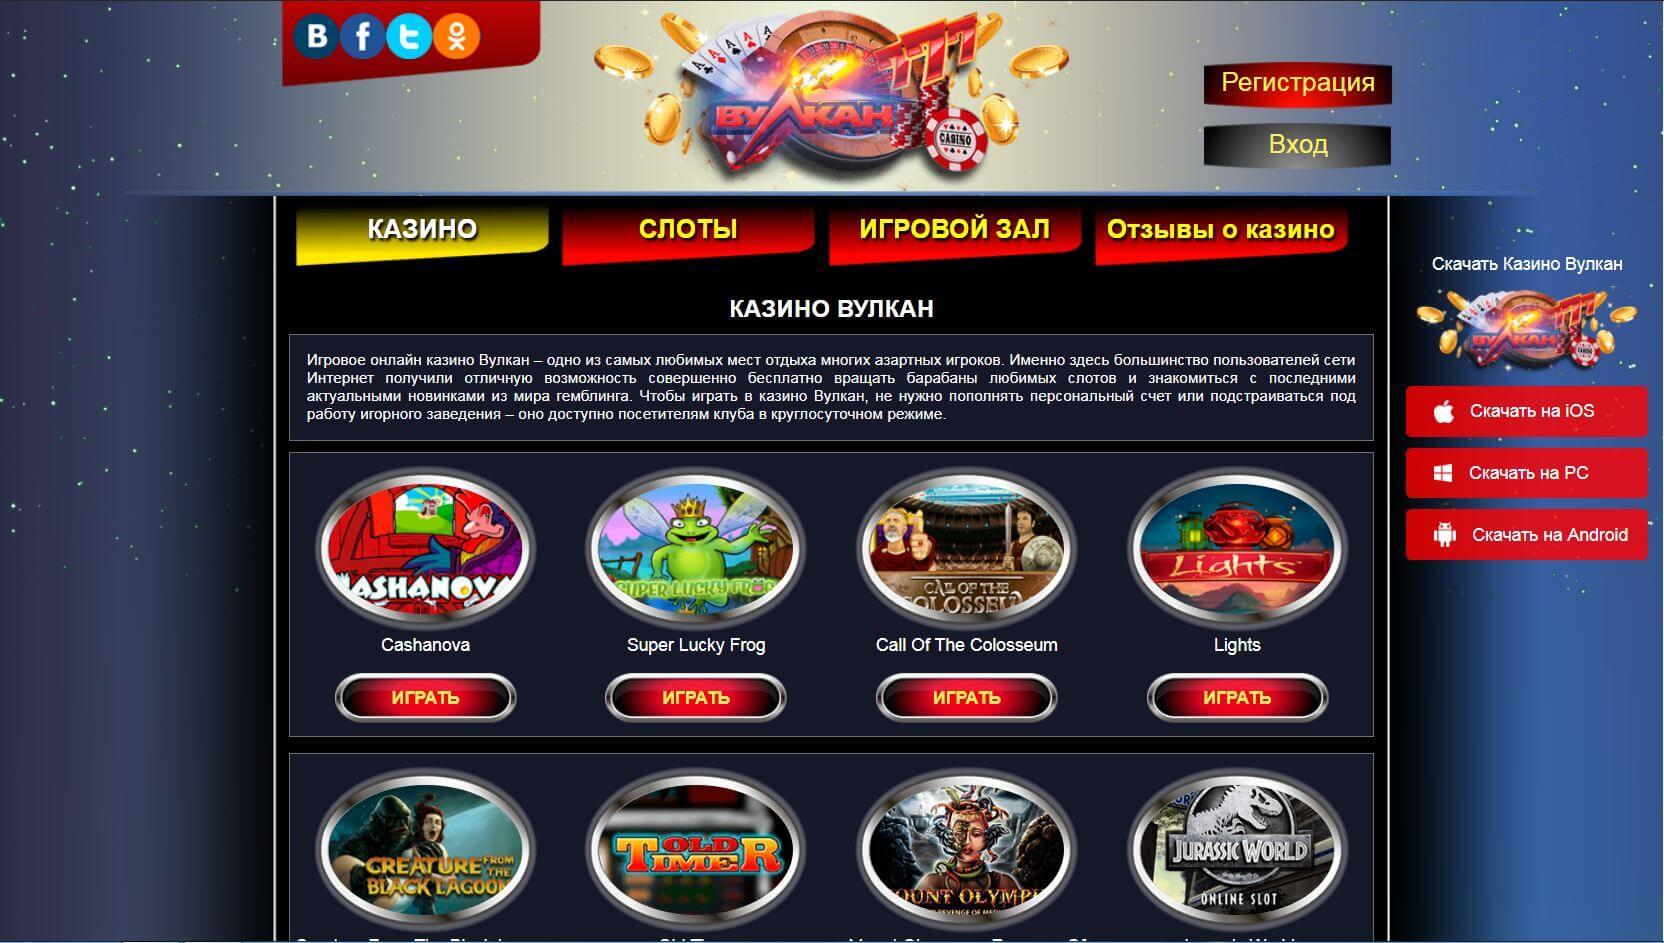 Возможно обыграть онлайн казино онлайн игра европейская рулетка